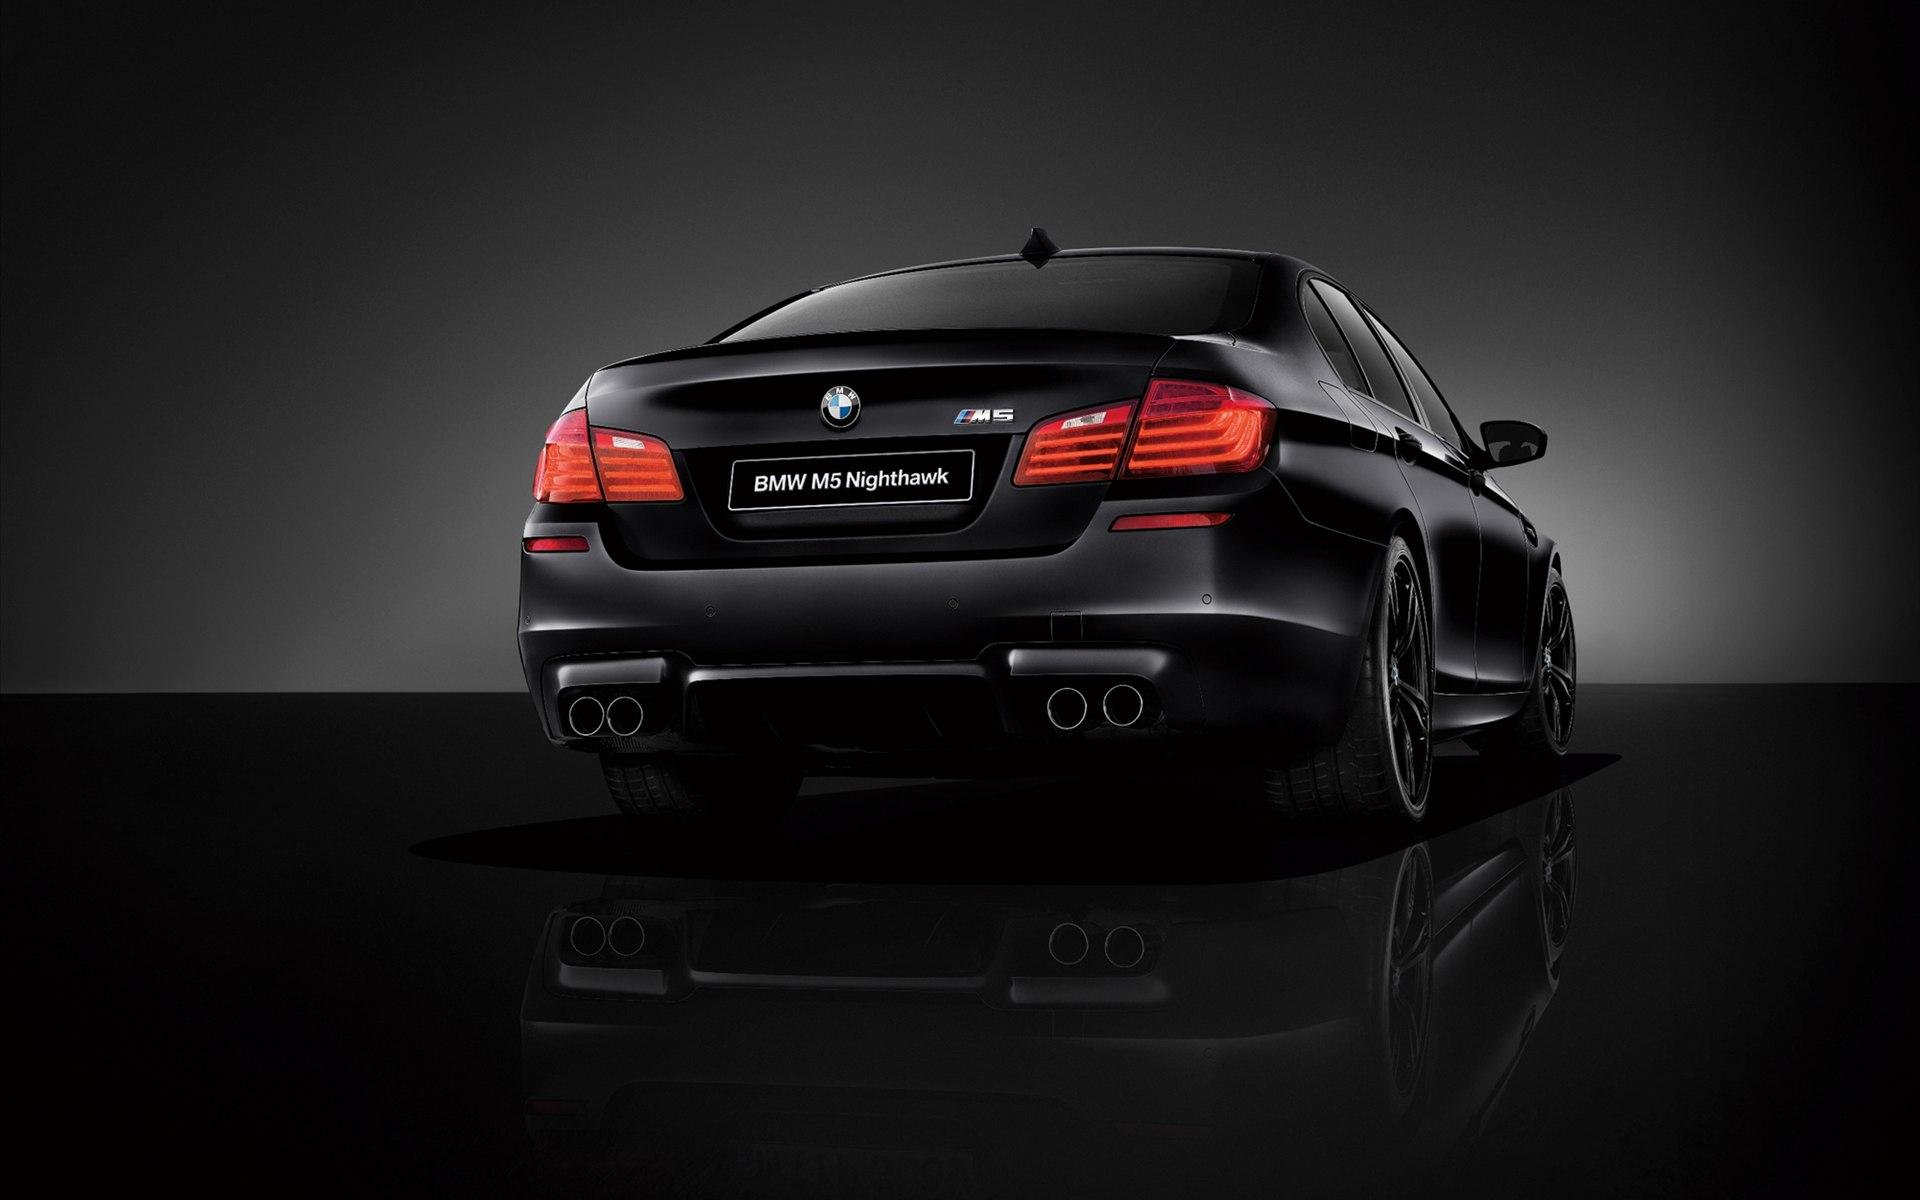 Home BMW BMW M5 Nighthawk 2013 1920x1200